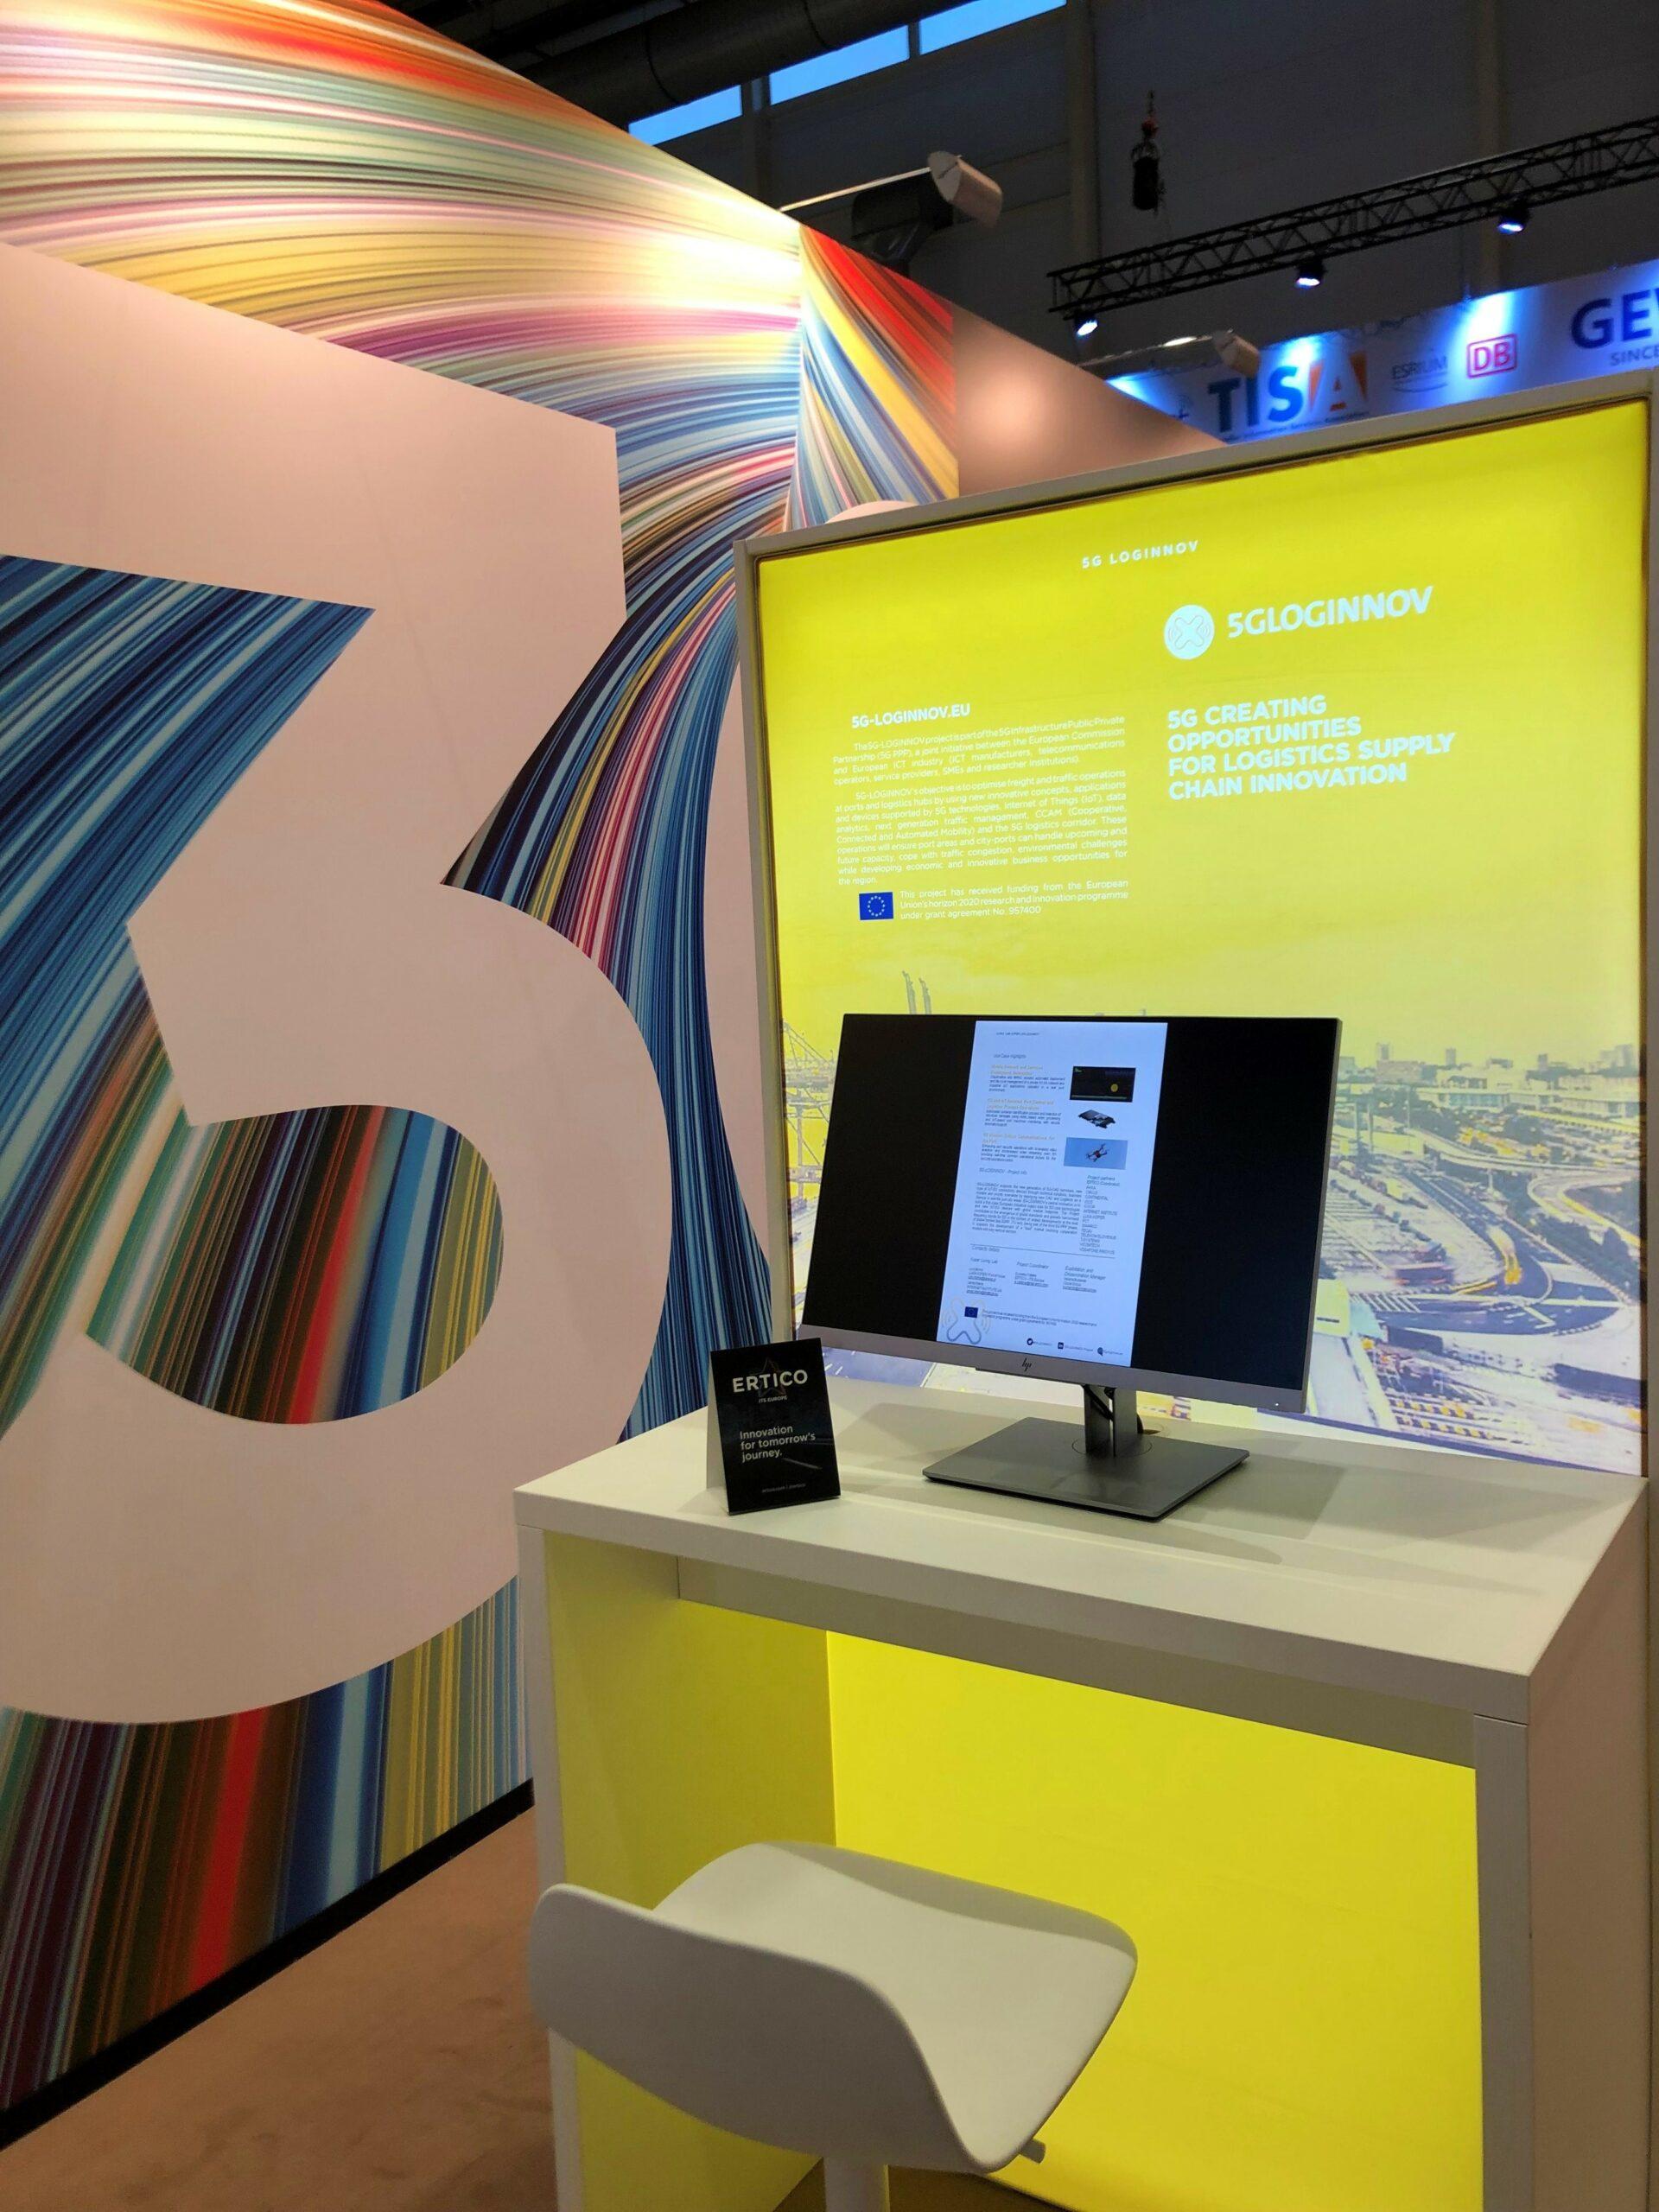 5G-LOGINNOV booth